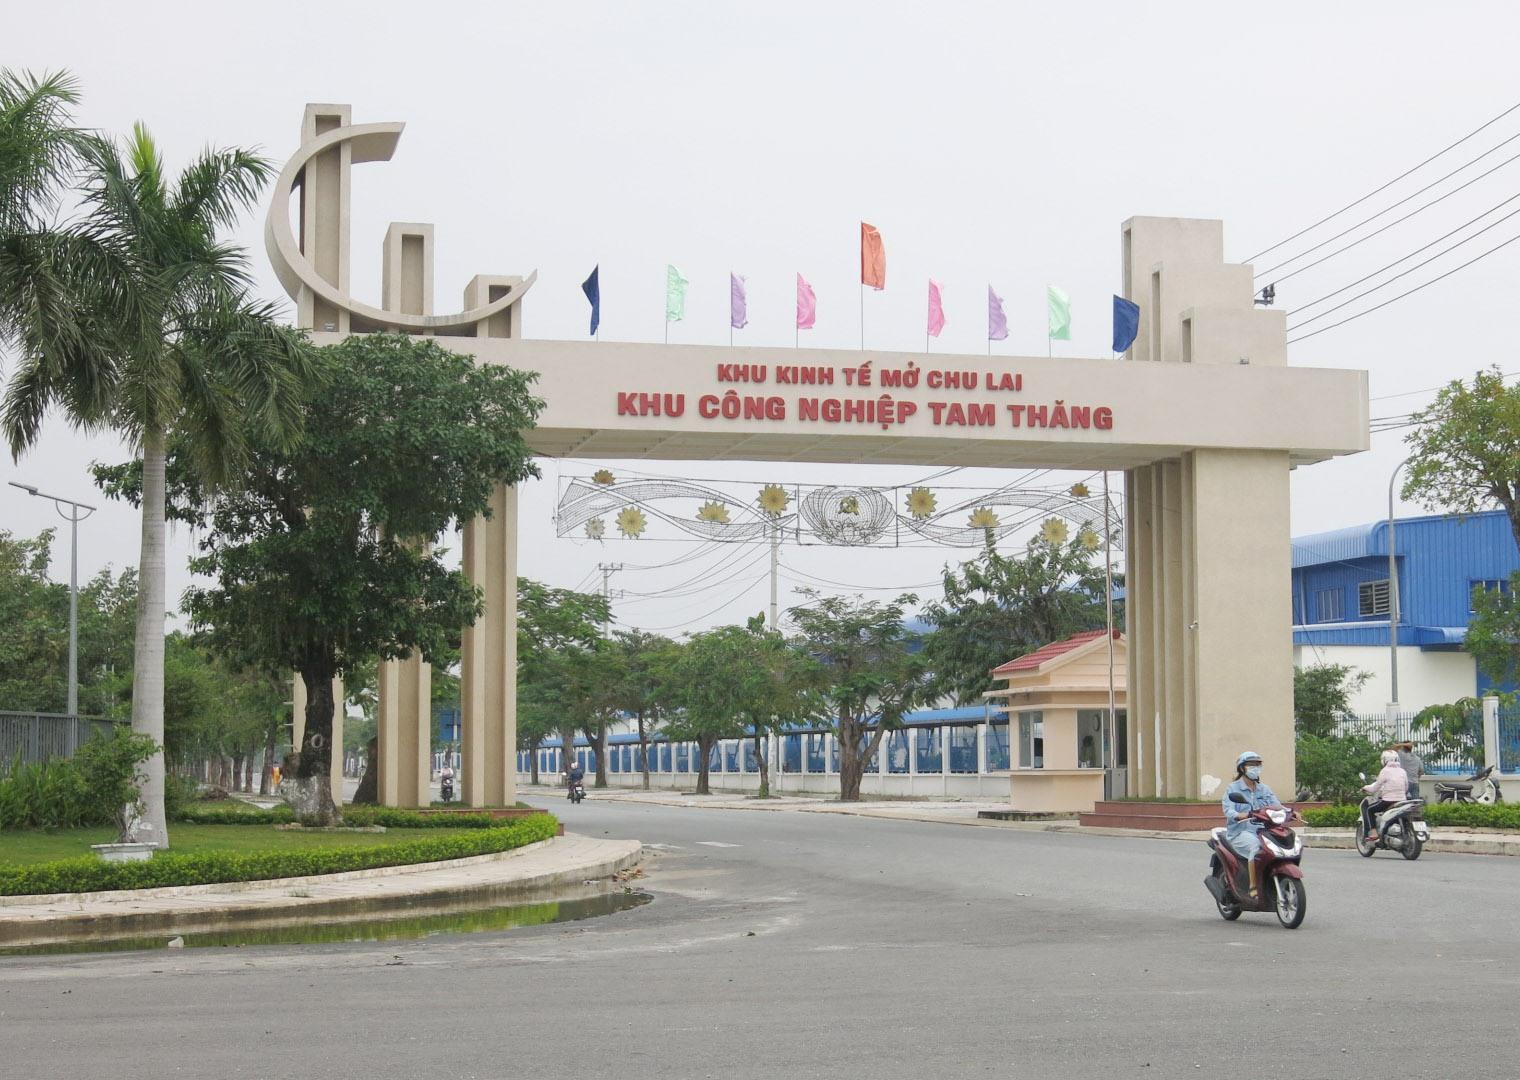 Khu công nghiệp Tam Thăng: Dấu son trên vùng cát